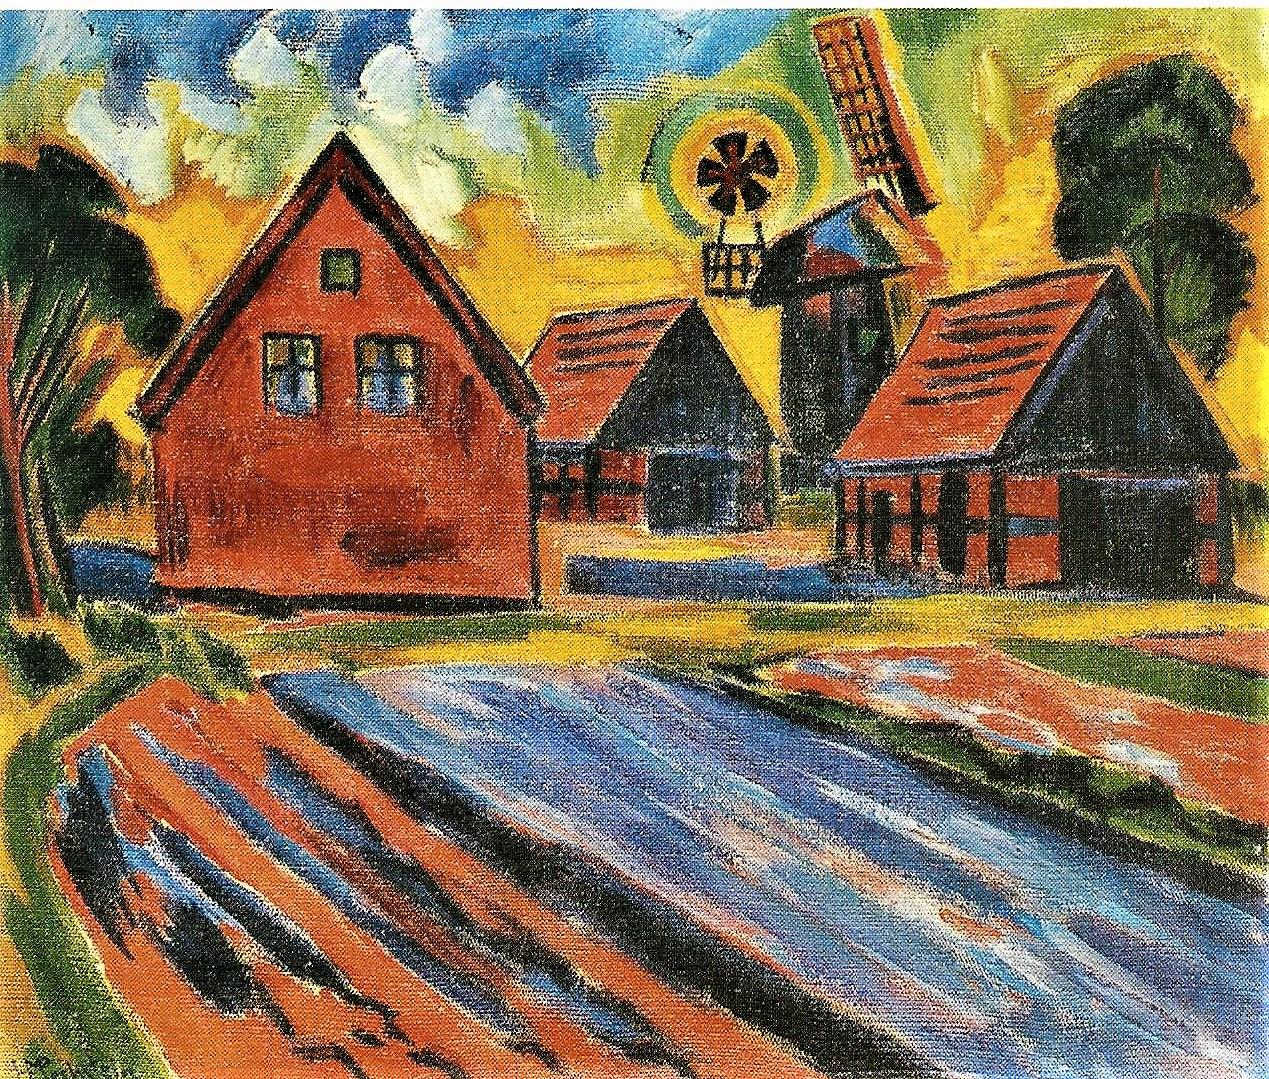 Hermann Max Pechstein: Rote Häuser mit Windmühle, 1922